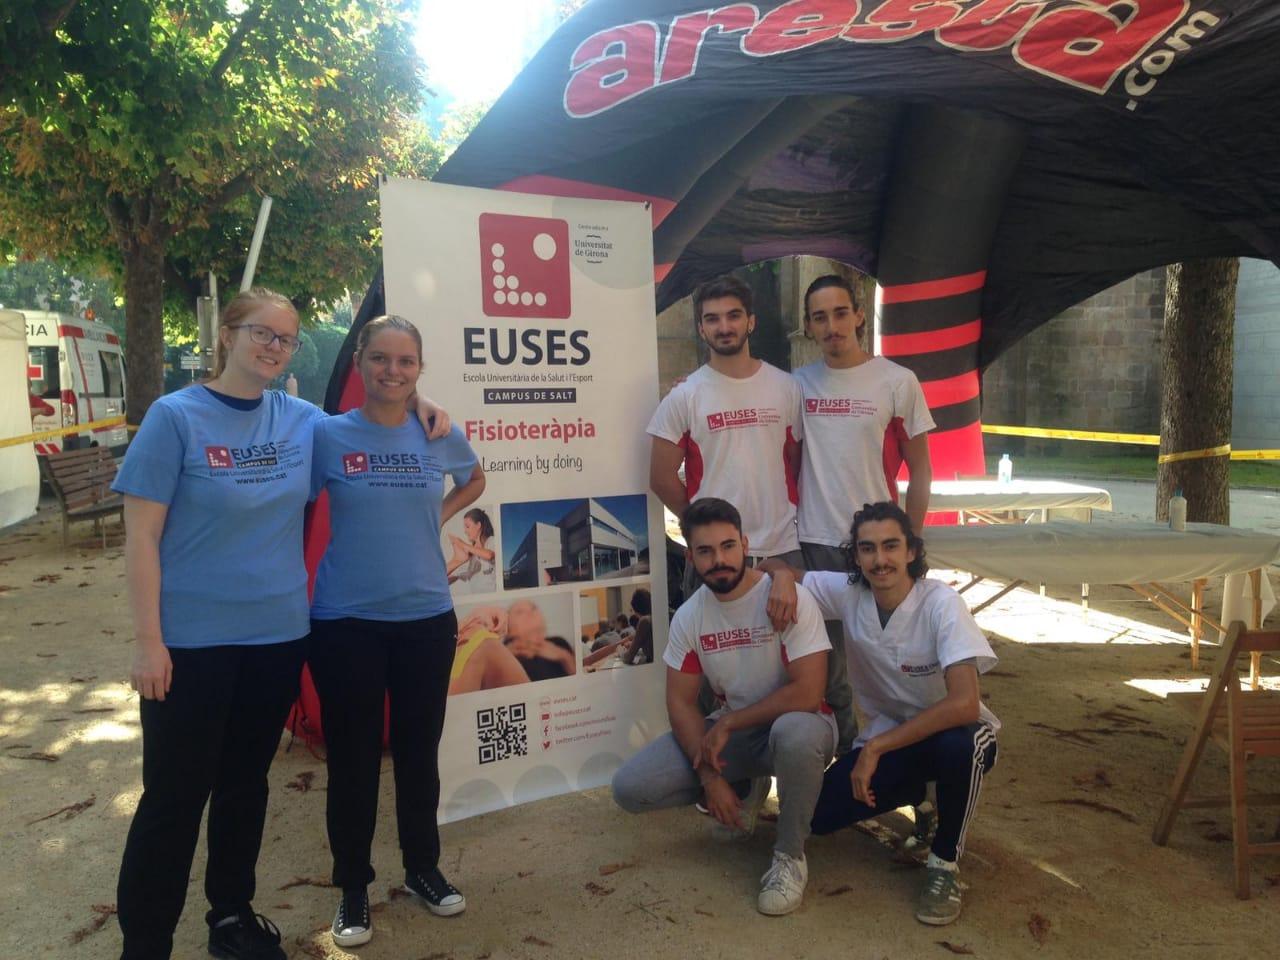 Estudiants del Grau en Fisioteràpia d'EUSES recuperen els participants de la Taga EVO, el primer voluntariat del curs 2018/19